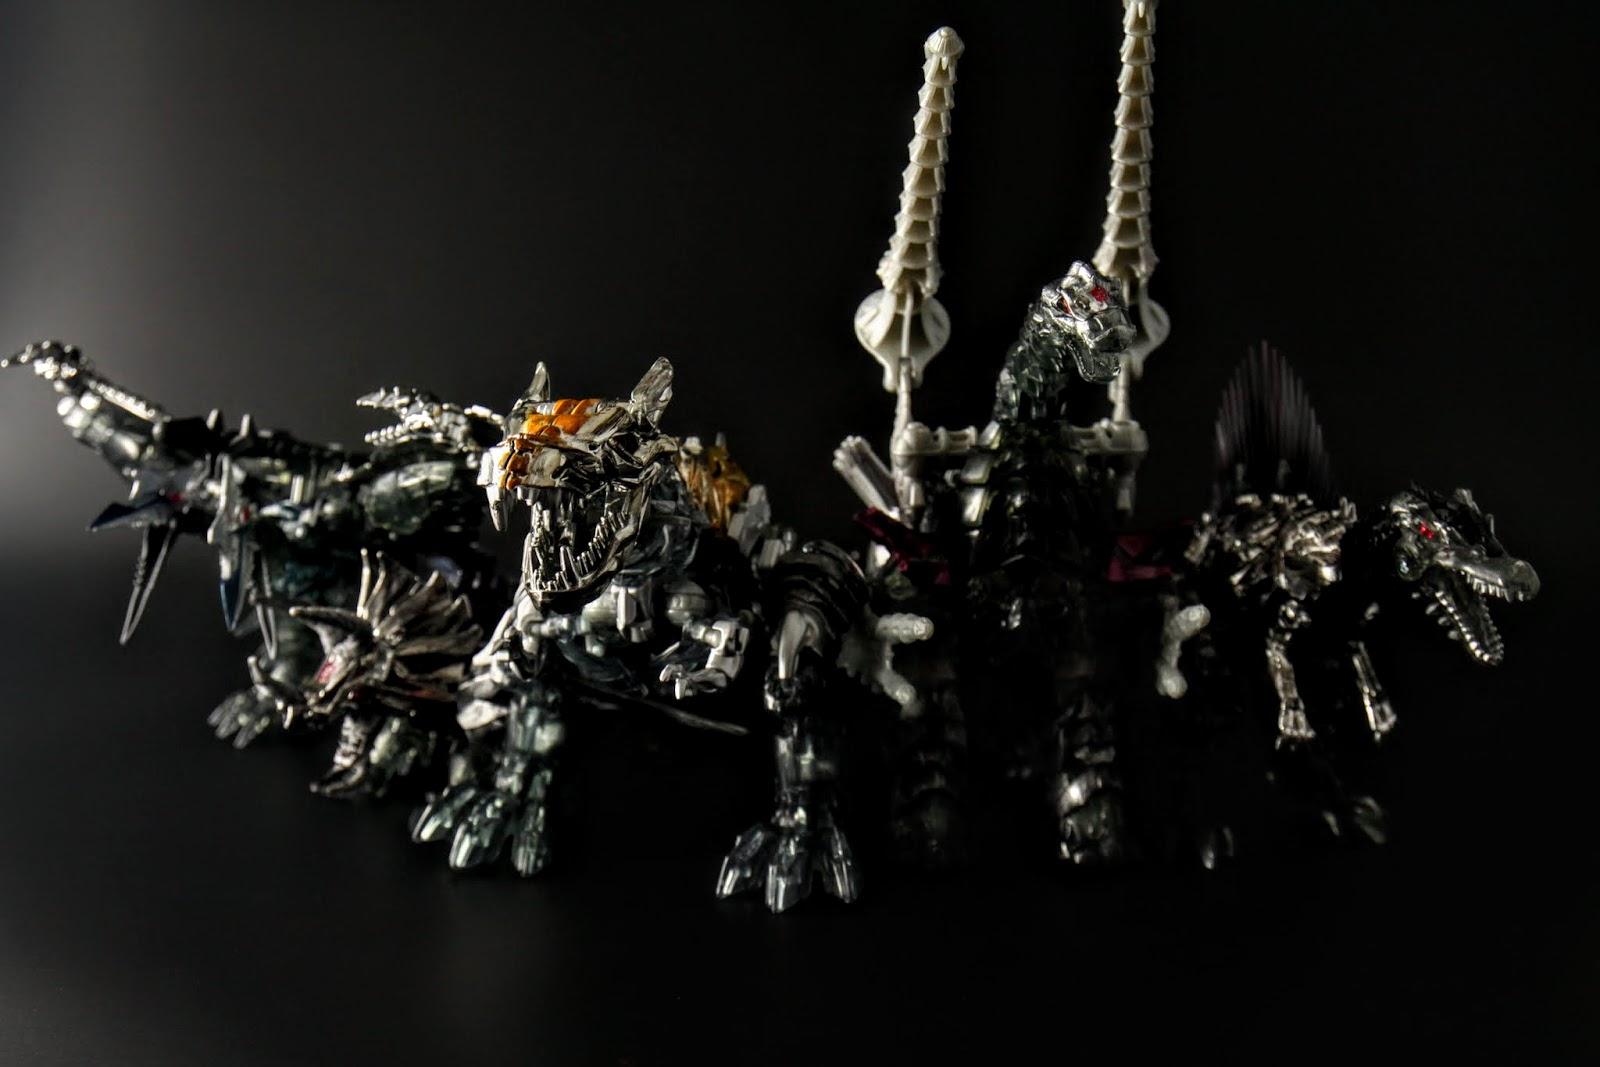 龍形人形都變得更加霸氣,活像五個遠古時期的狂戰士殺紅眼這樣